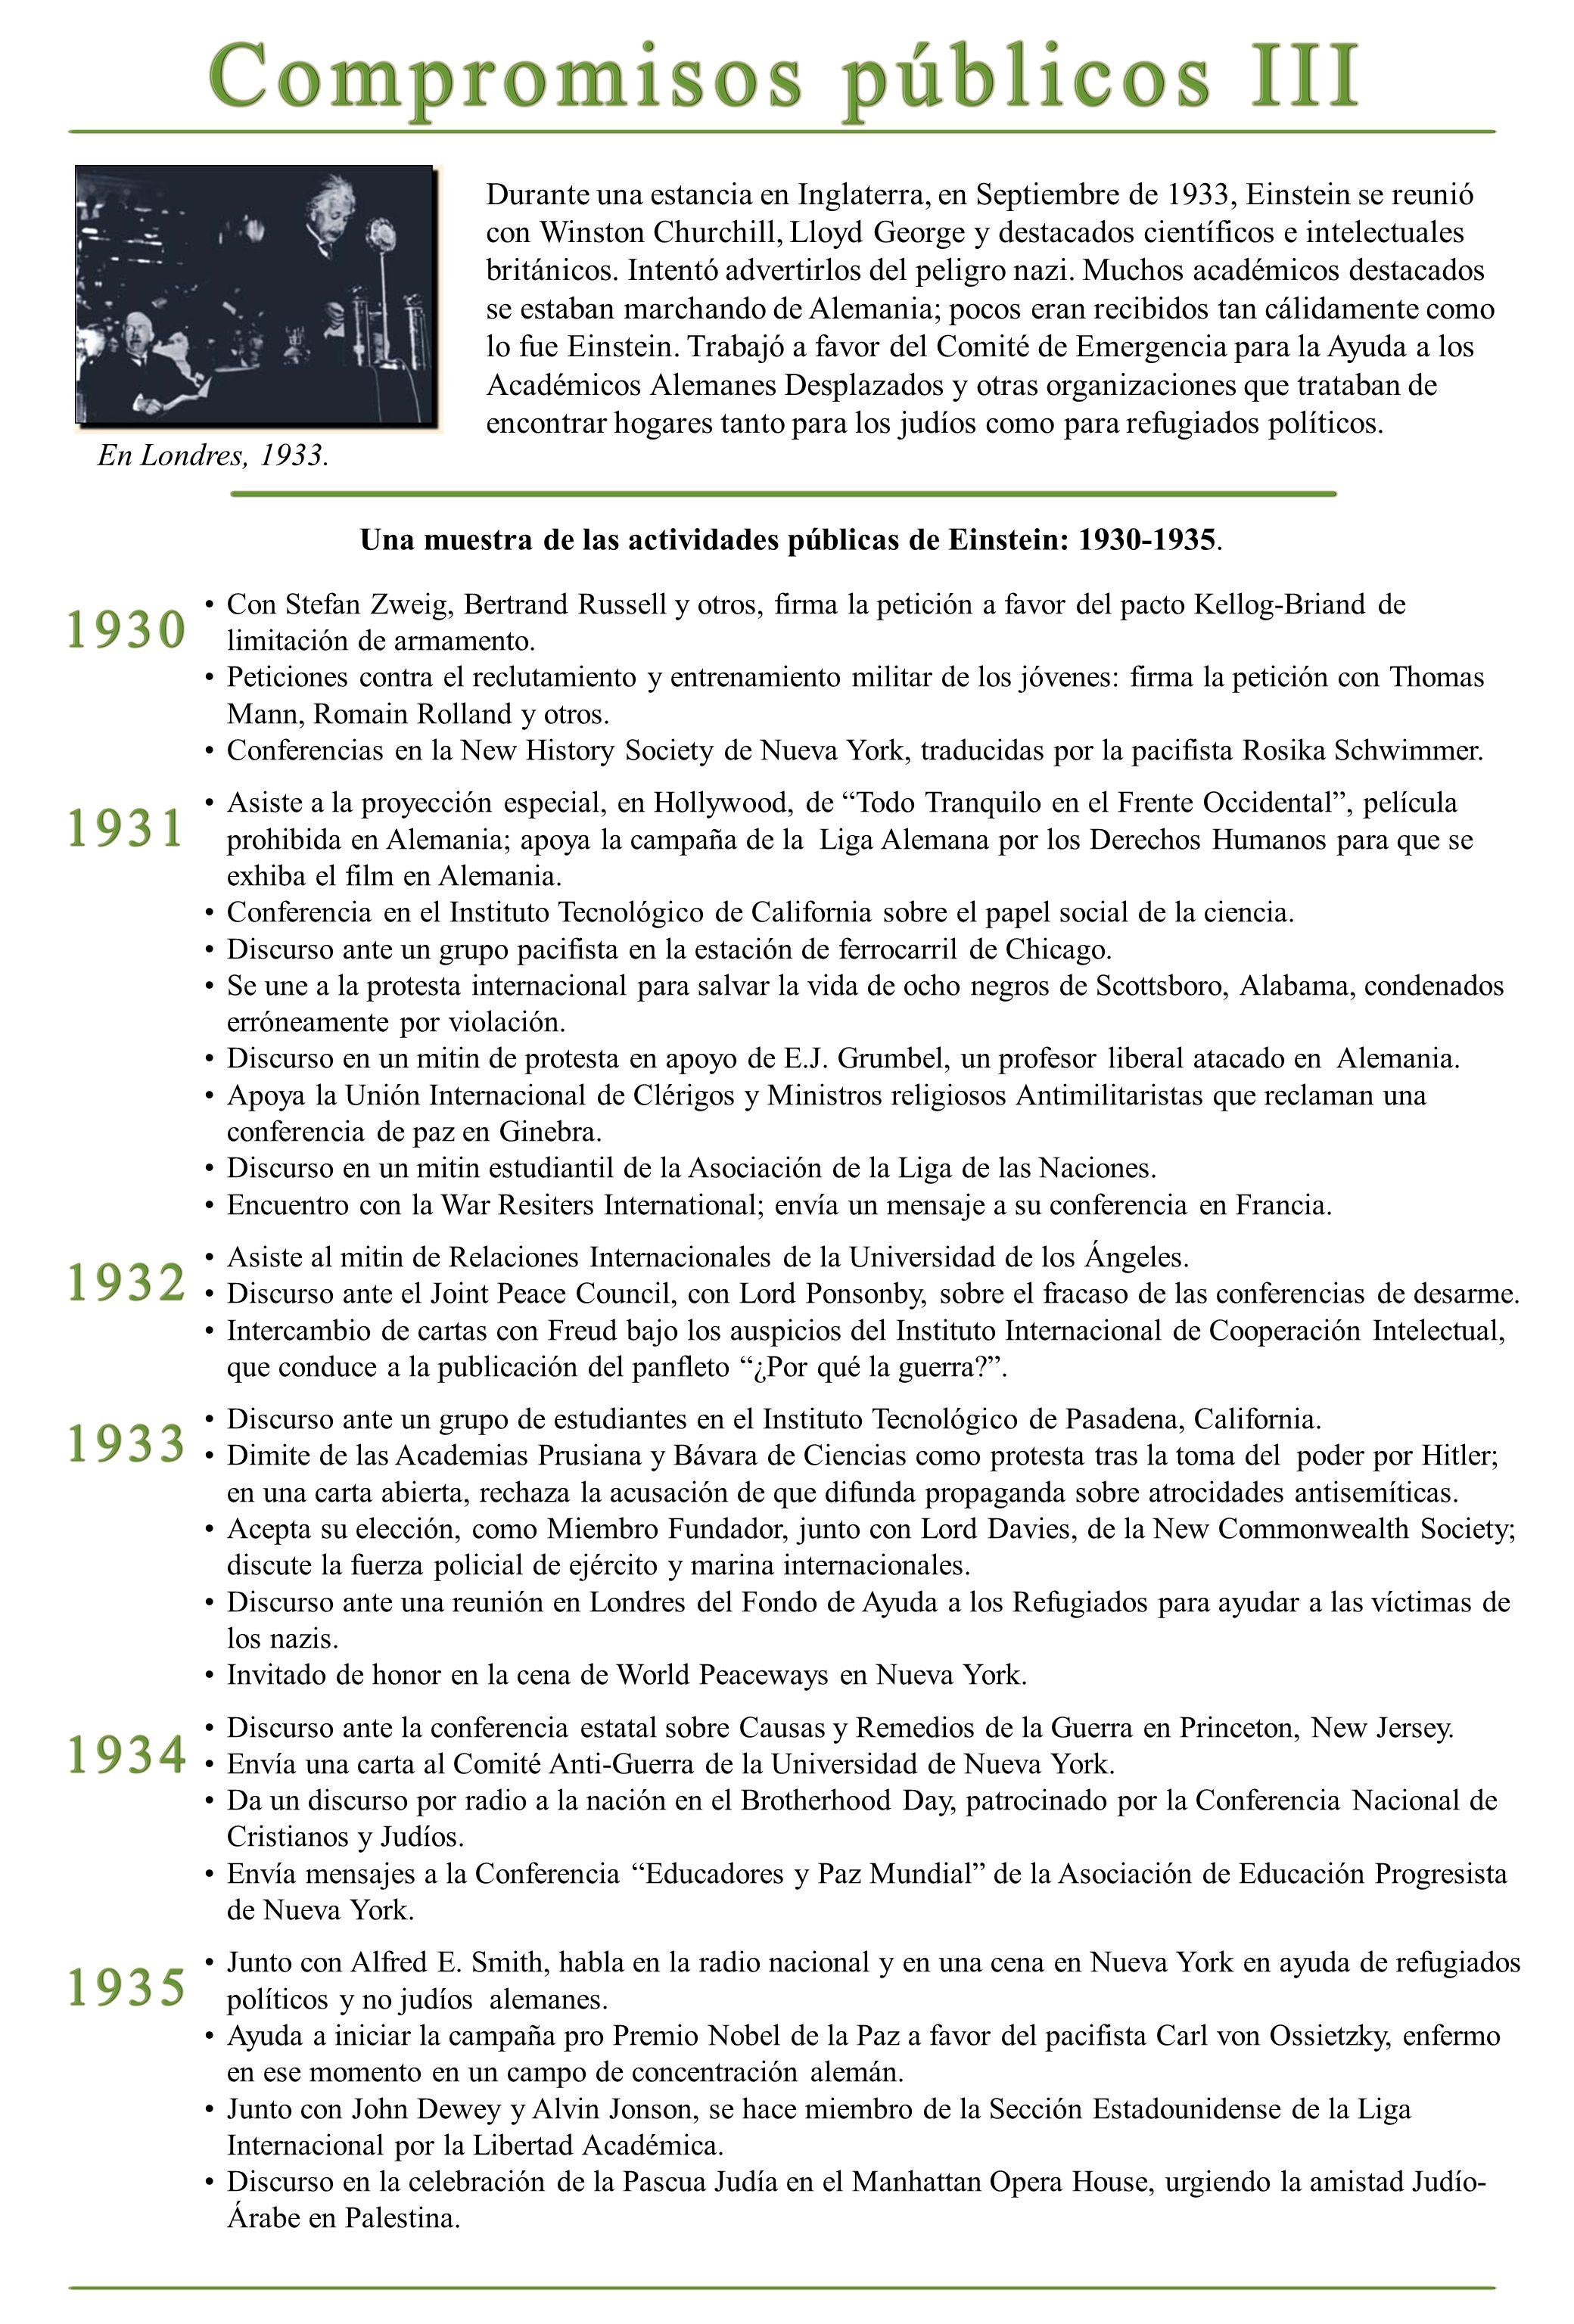 Una muestra de las actividades públicas de Einstein: 1930-1935.